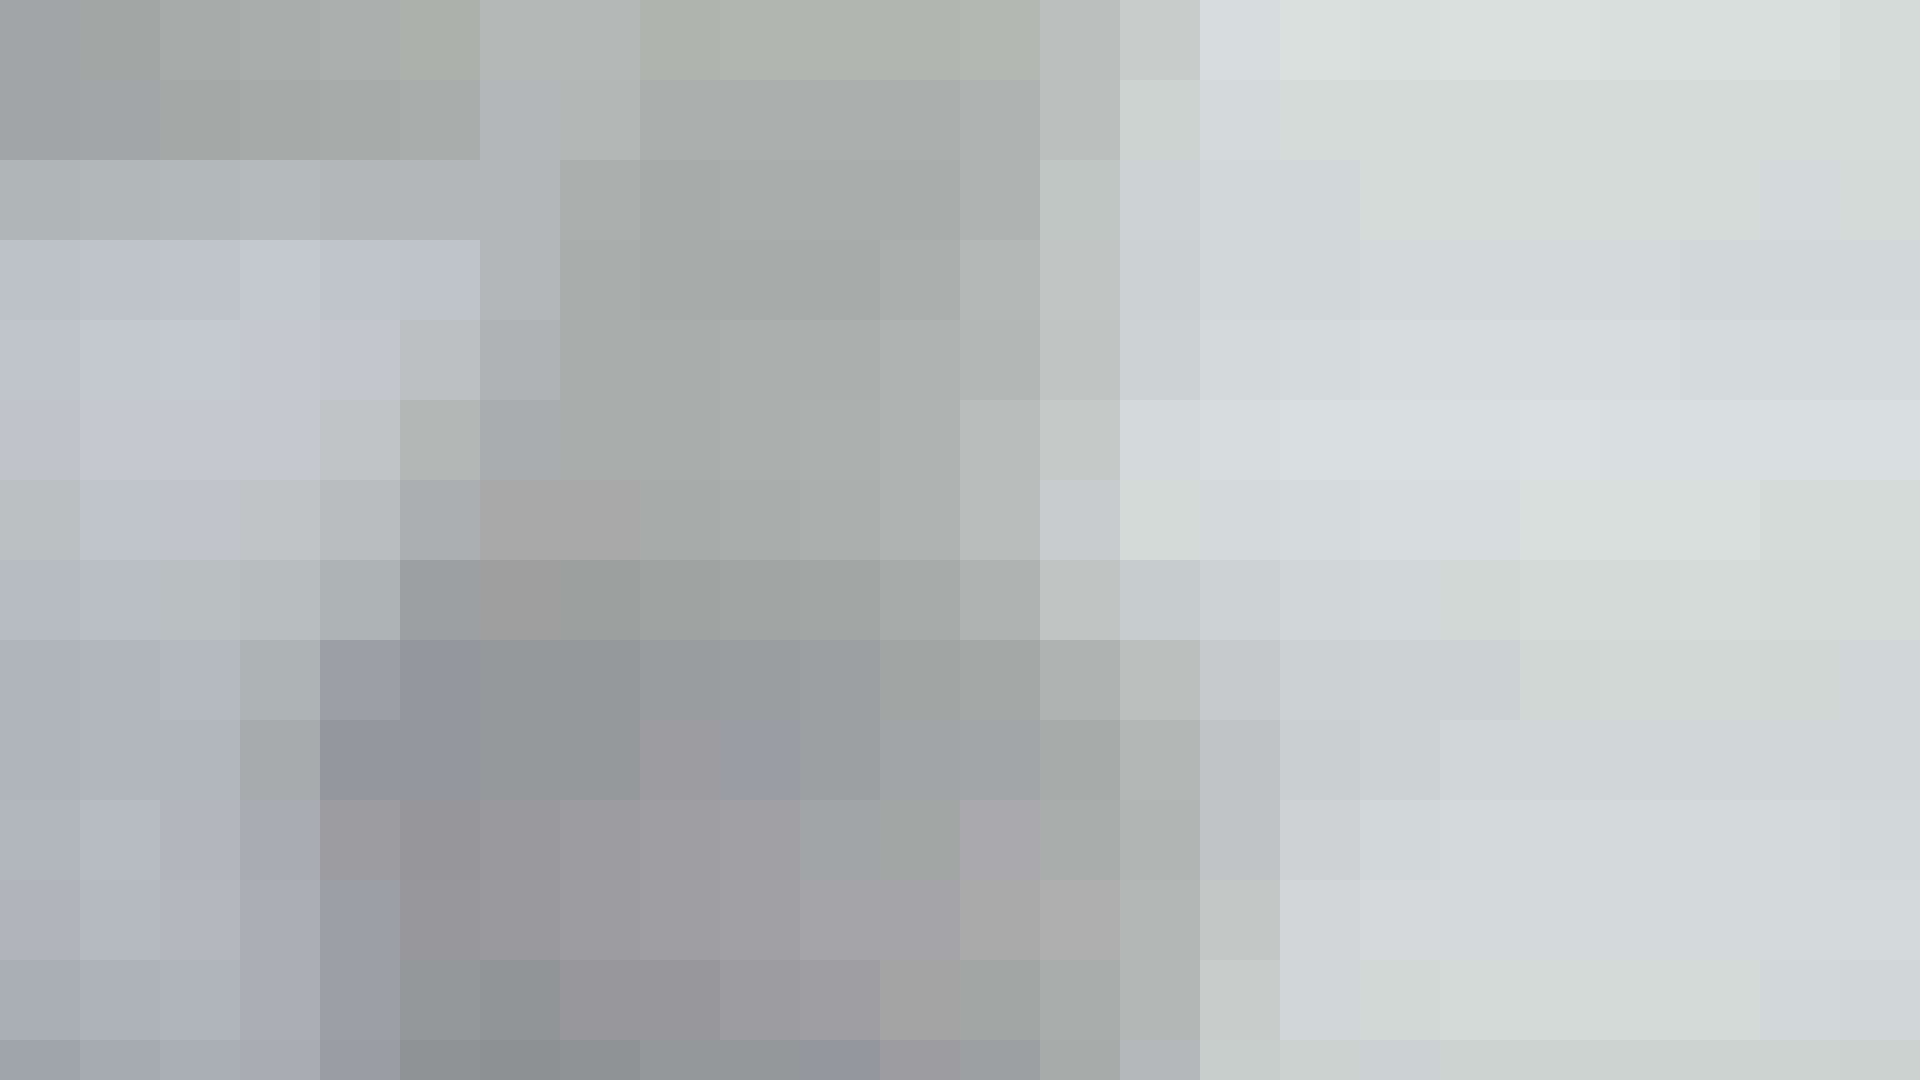 世界の射窓から vol.37 洗面所  68PIX 59